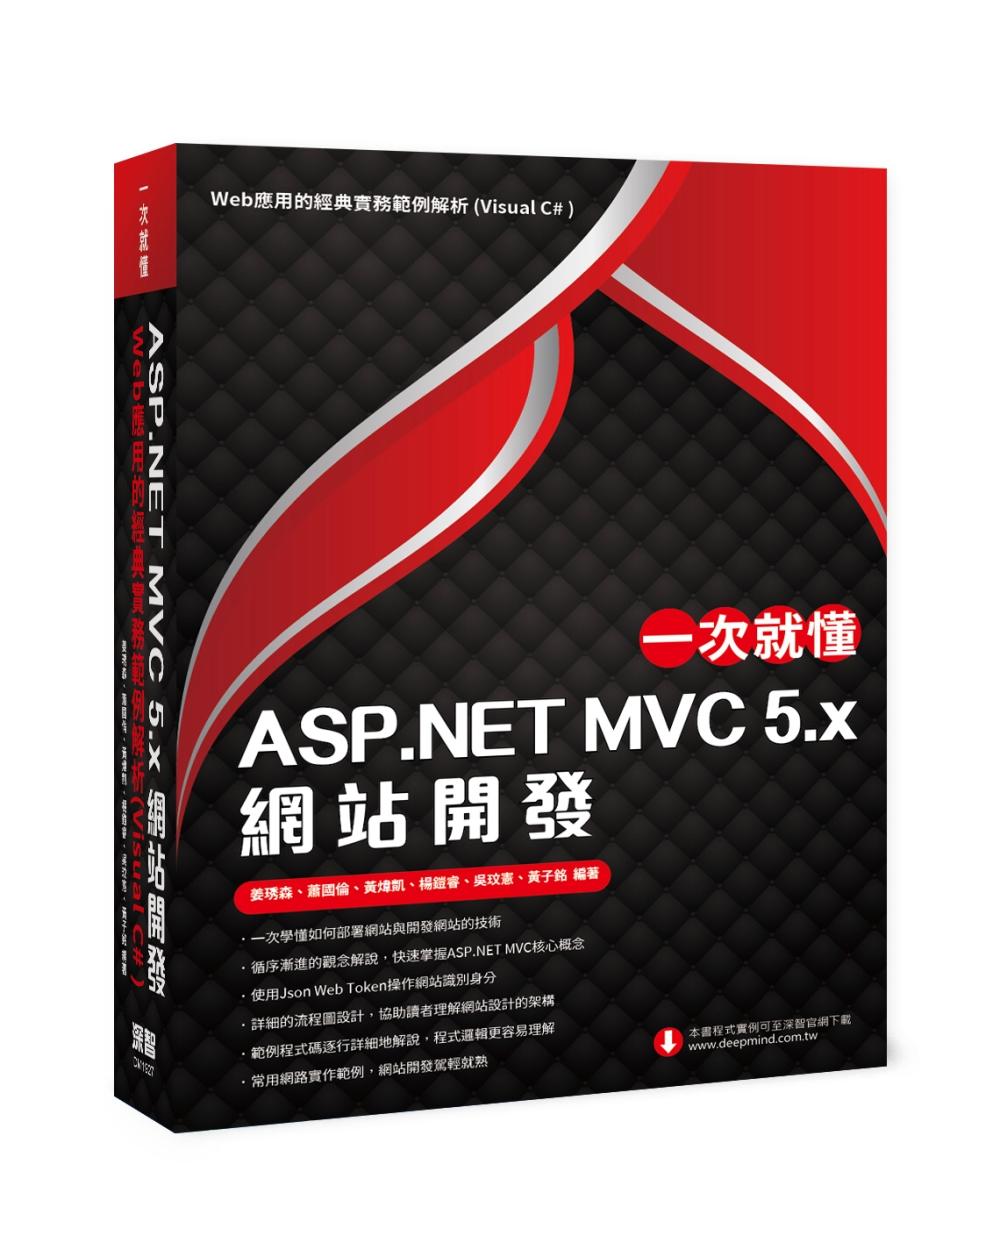 一次就懂 ASP.NET MVC 5.x 網站開發:Web應用的經典實務範例解析(Visual C# )